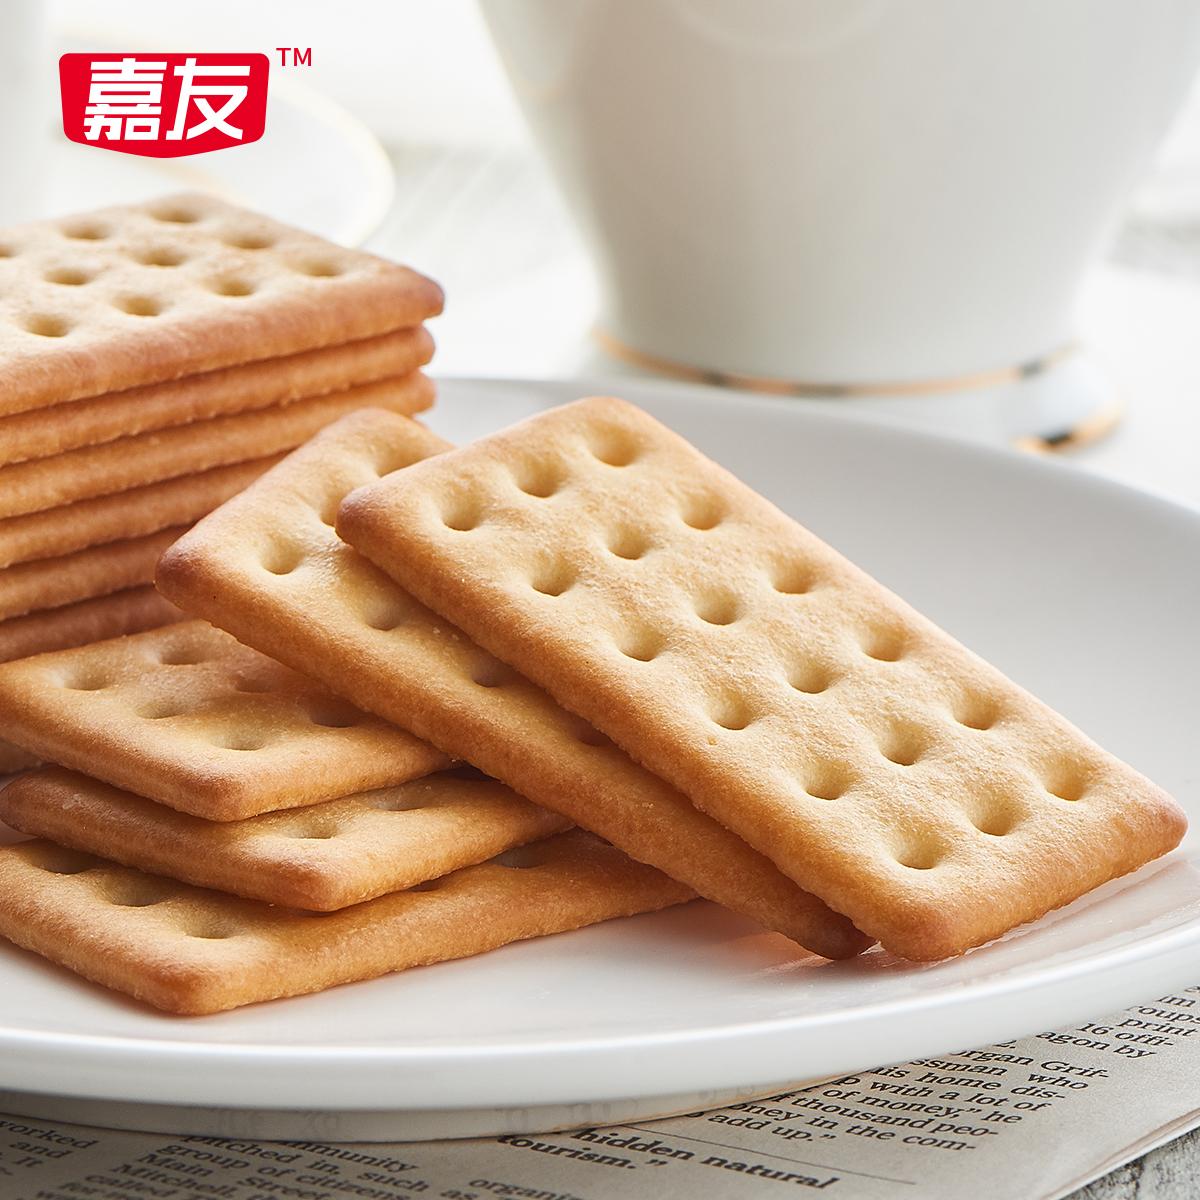 嘉友牛乳饼